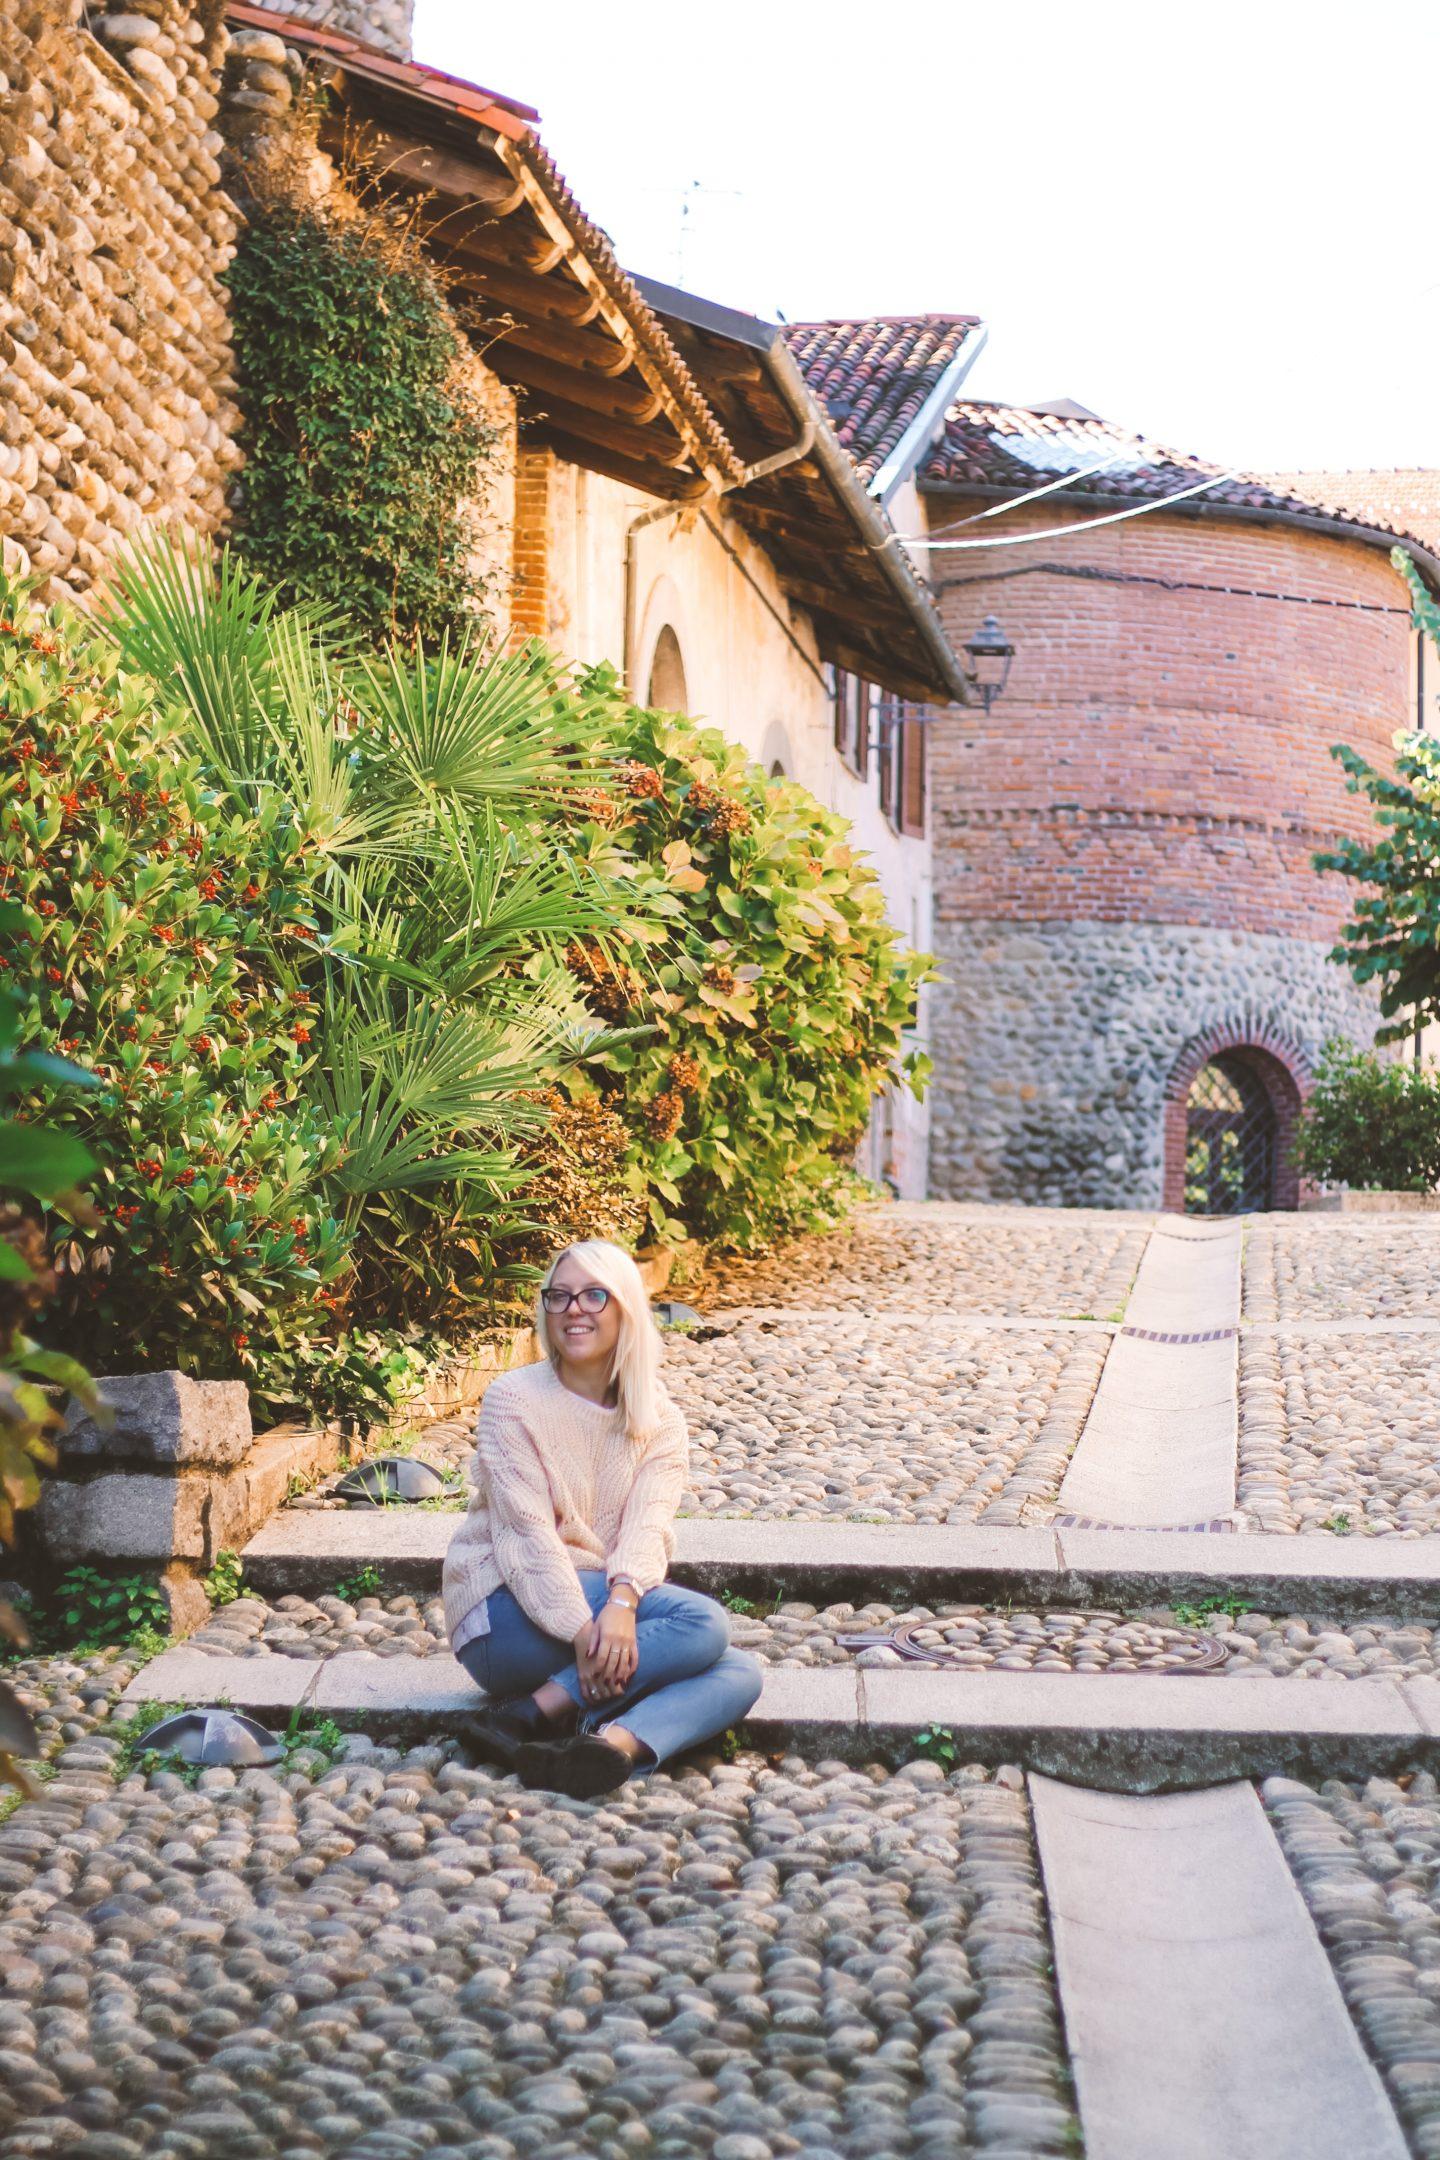 Ragazza seduta su un ciottolato in un borgo